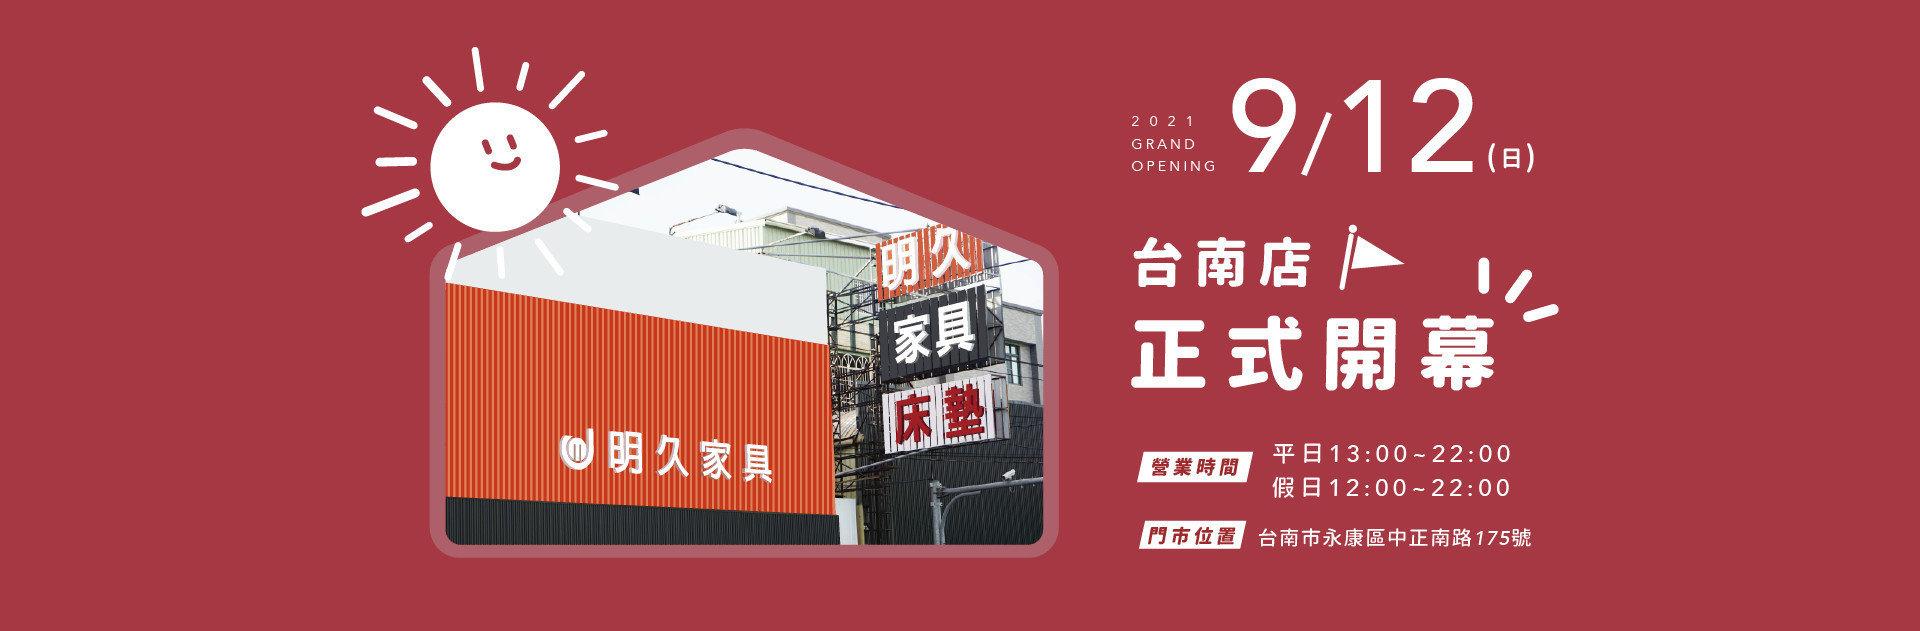 明久家具台南店09/12盛大開幕!